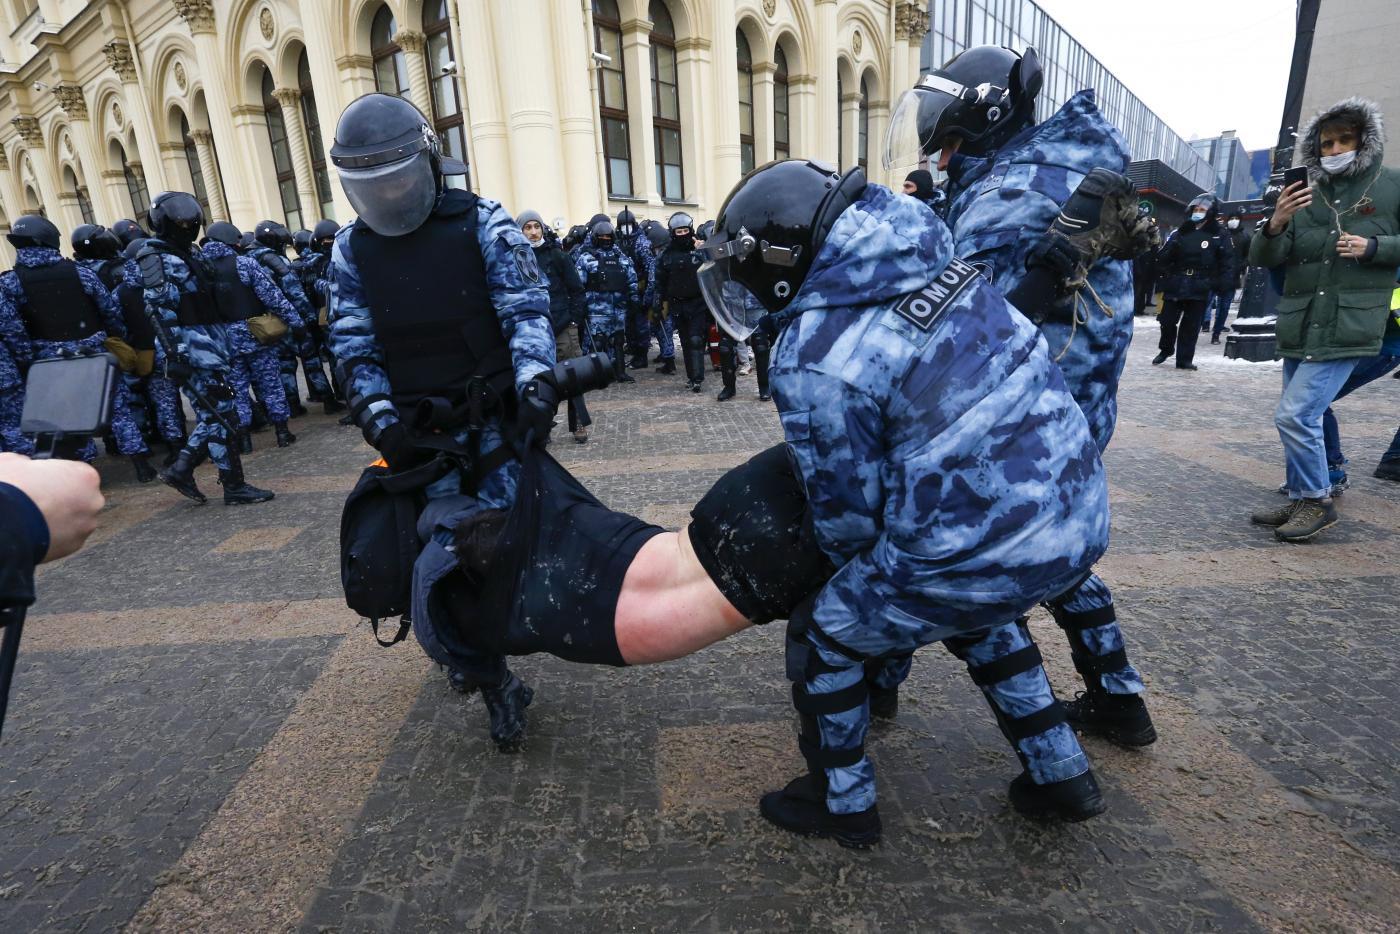 Mosca arresto